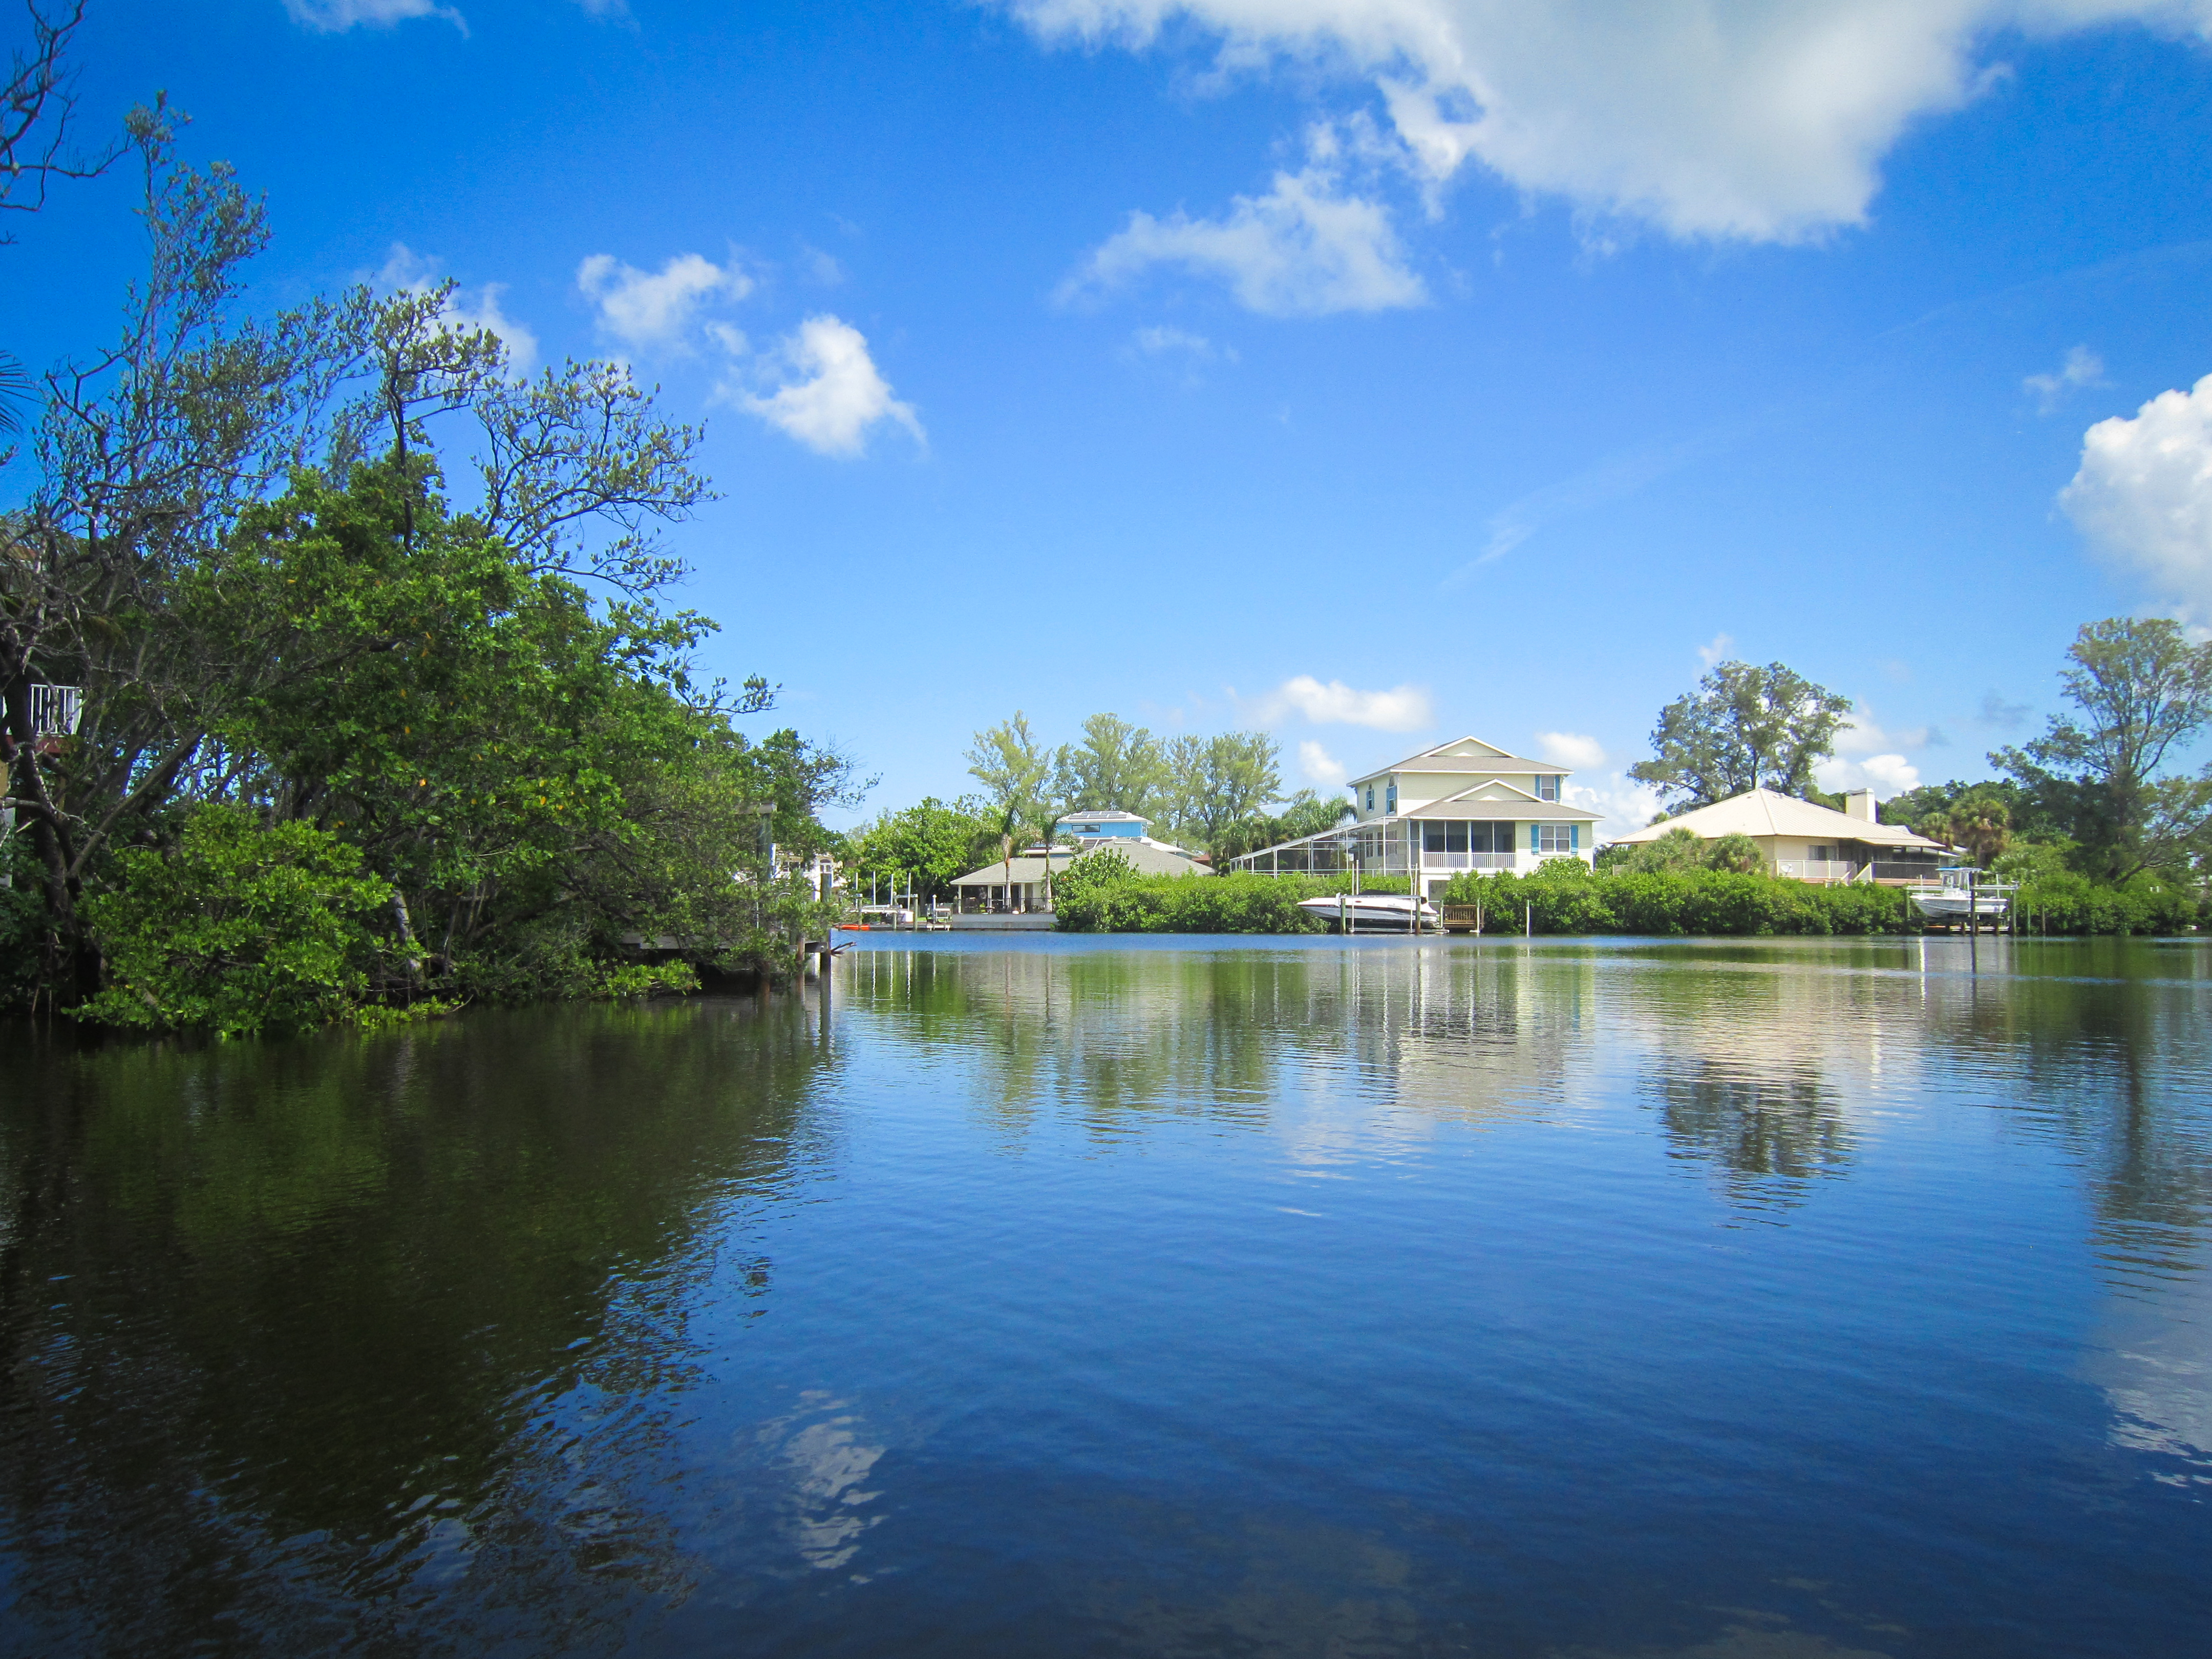 Anna Maria Island Canal